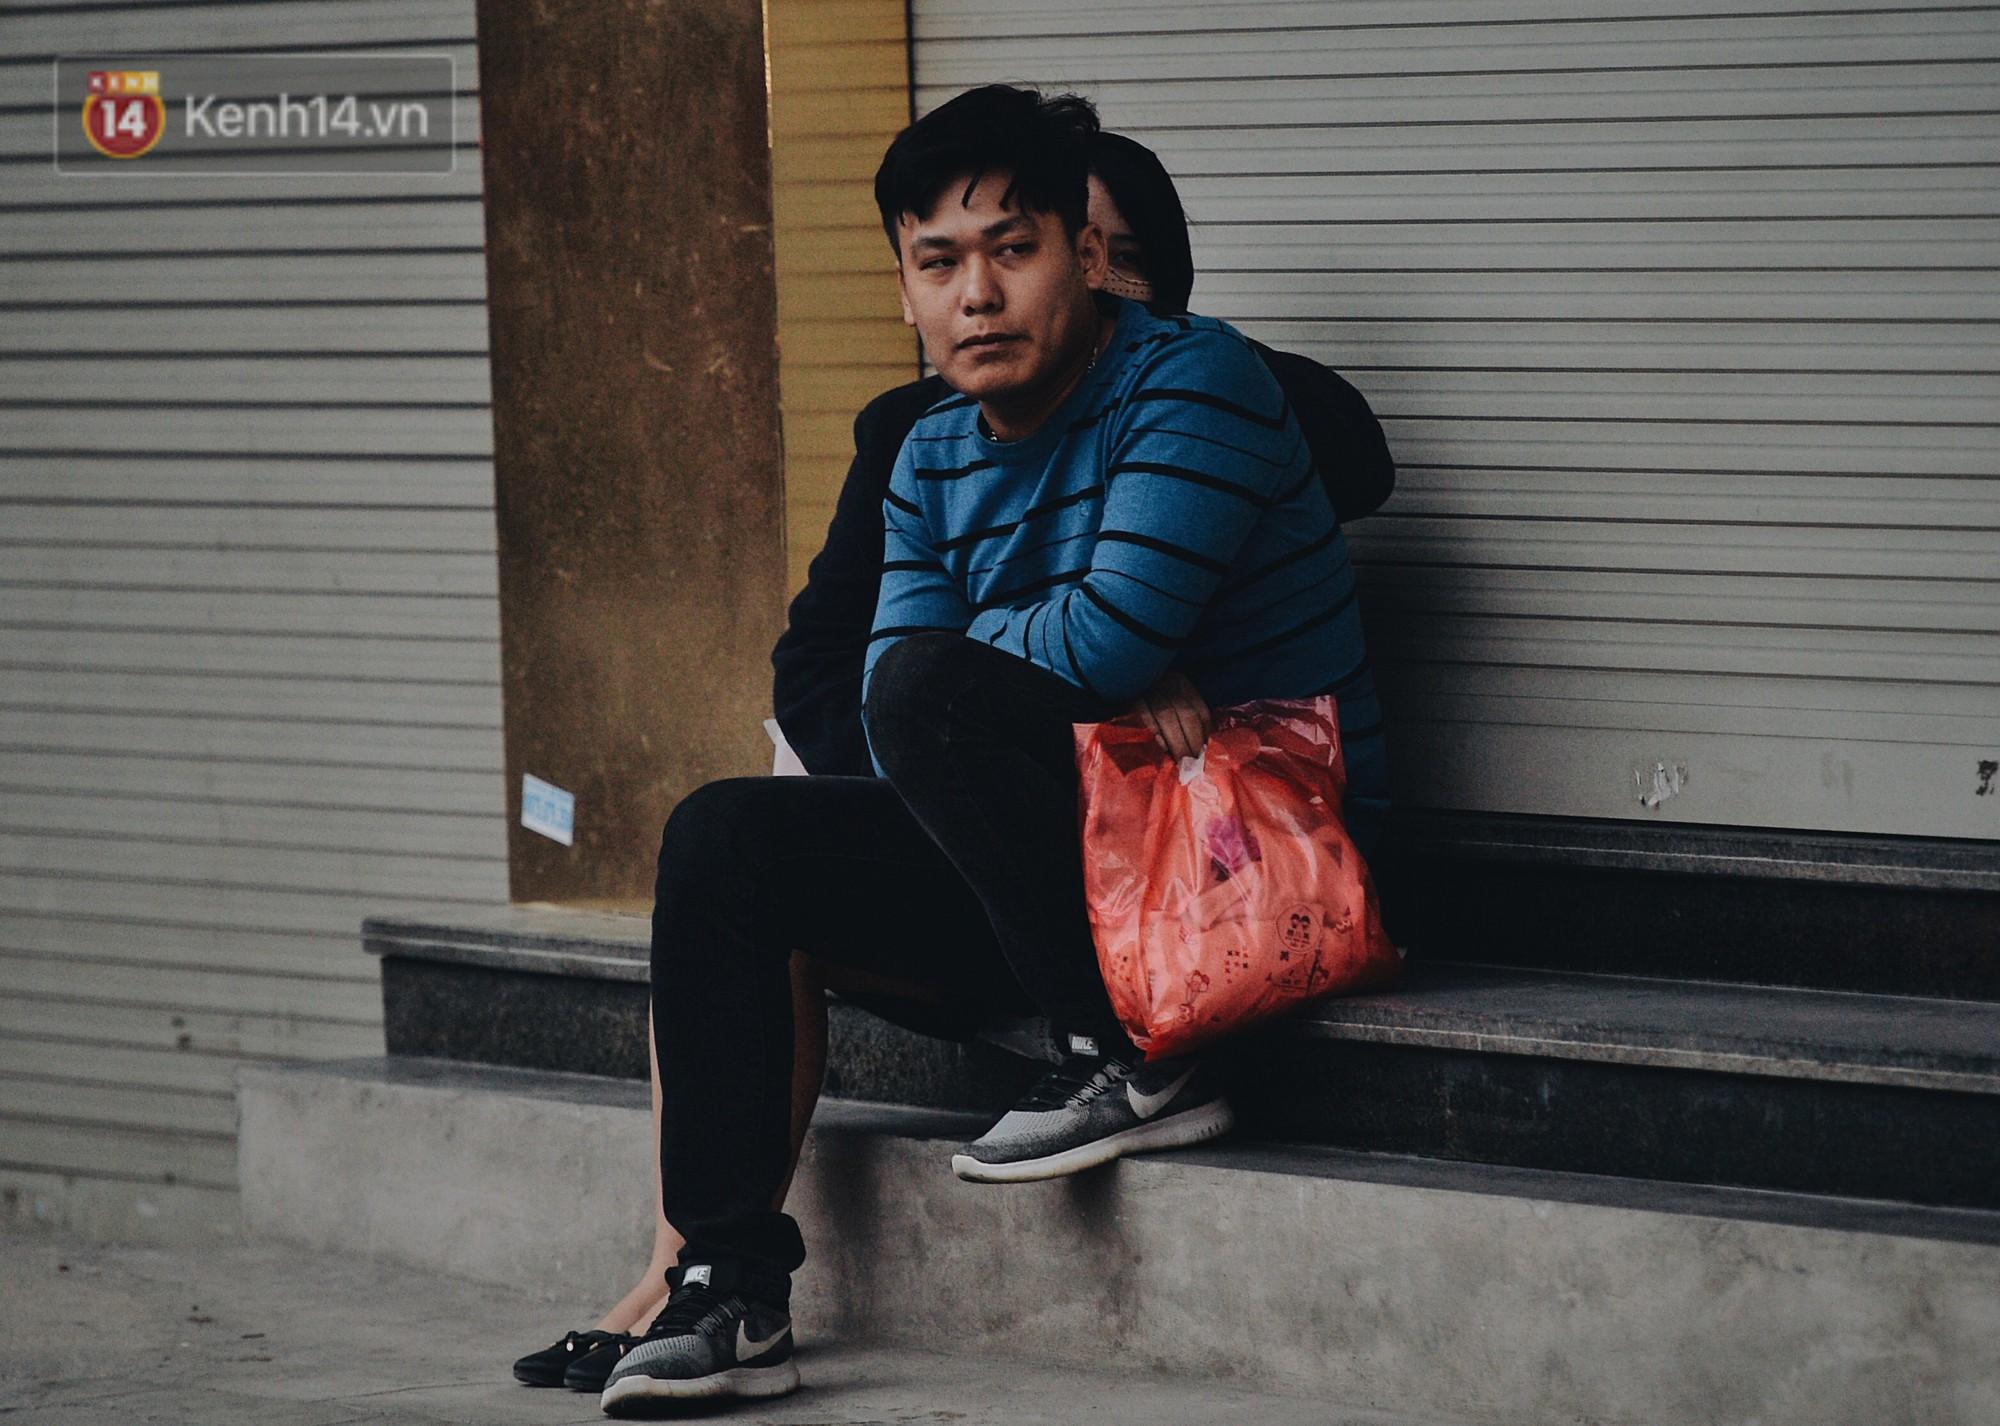 Chùm ảnh: Sau một đêm trở gió Hà Nội mưa lạnh xuống đến 17 độ C, người dân co ro ra đường - Ảnh 8.